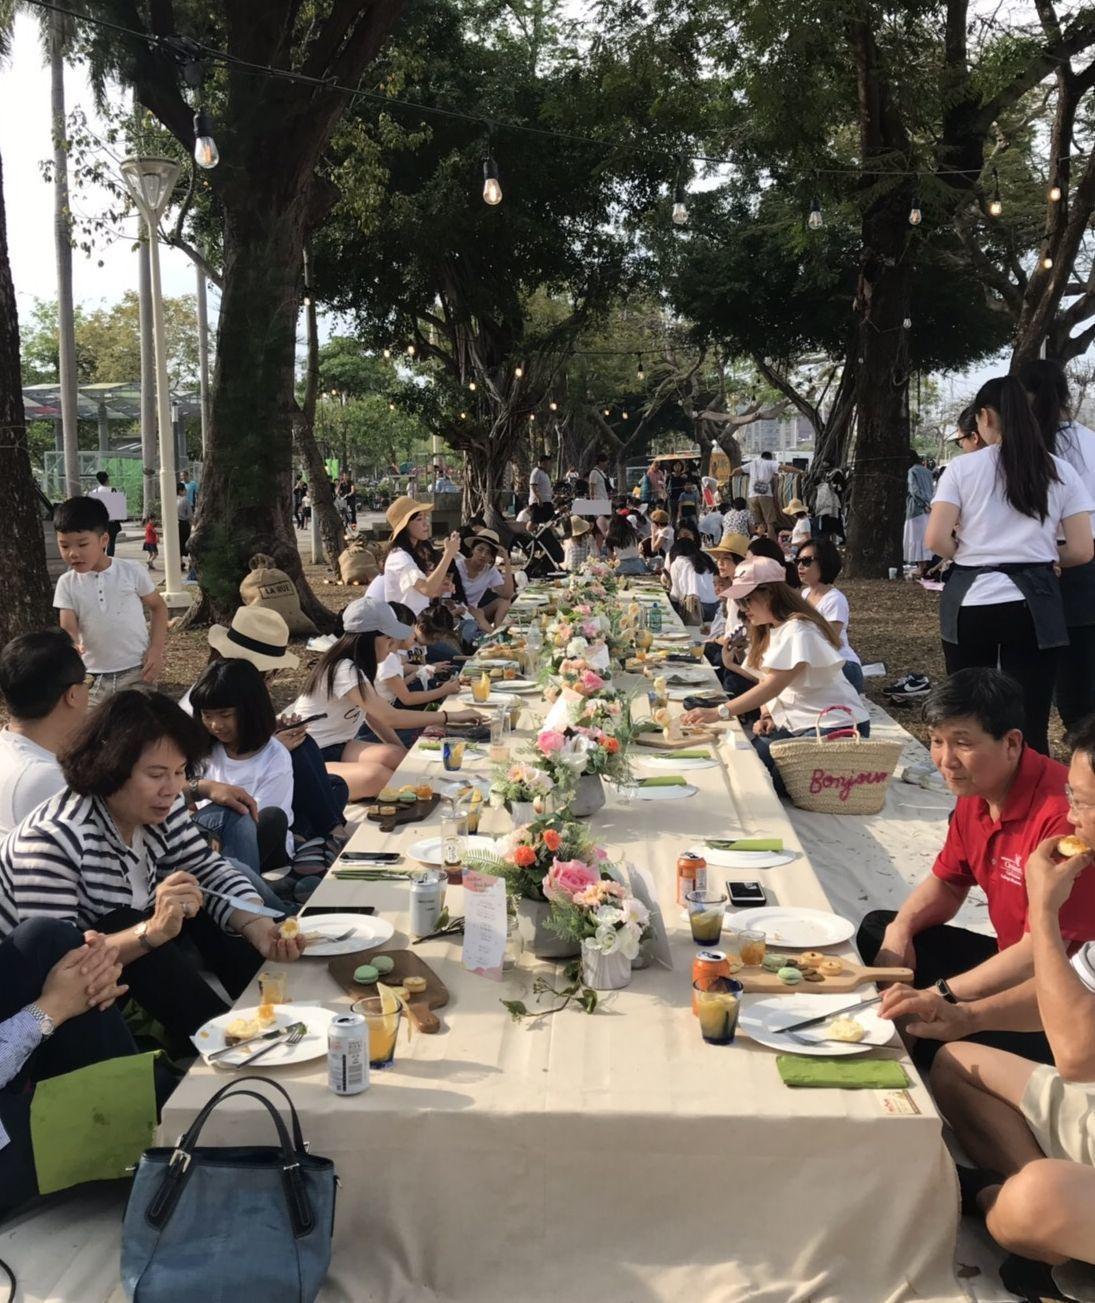 高市觀光局在愛河畔規畫愛河野餐派對,還 排了桌椅讓民眾坐下來吃吃點心、喝喝咖啡。...